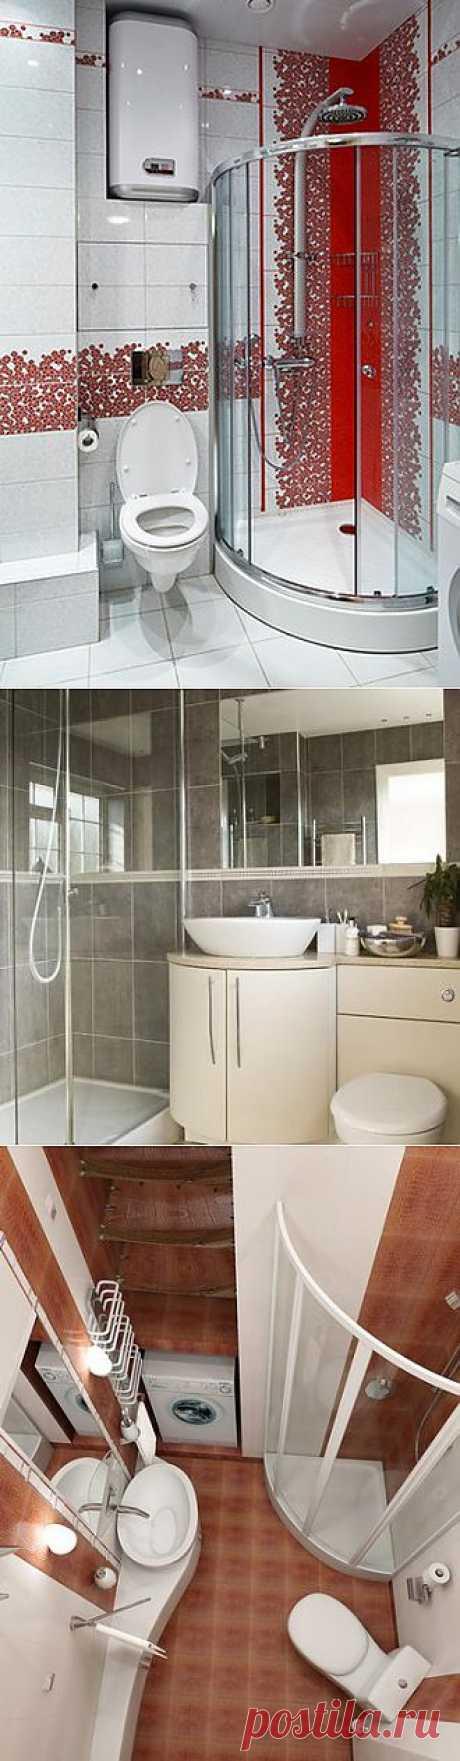 Дизайн ванной комнаты с душевой кабиной | Домфронт